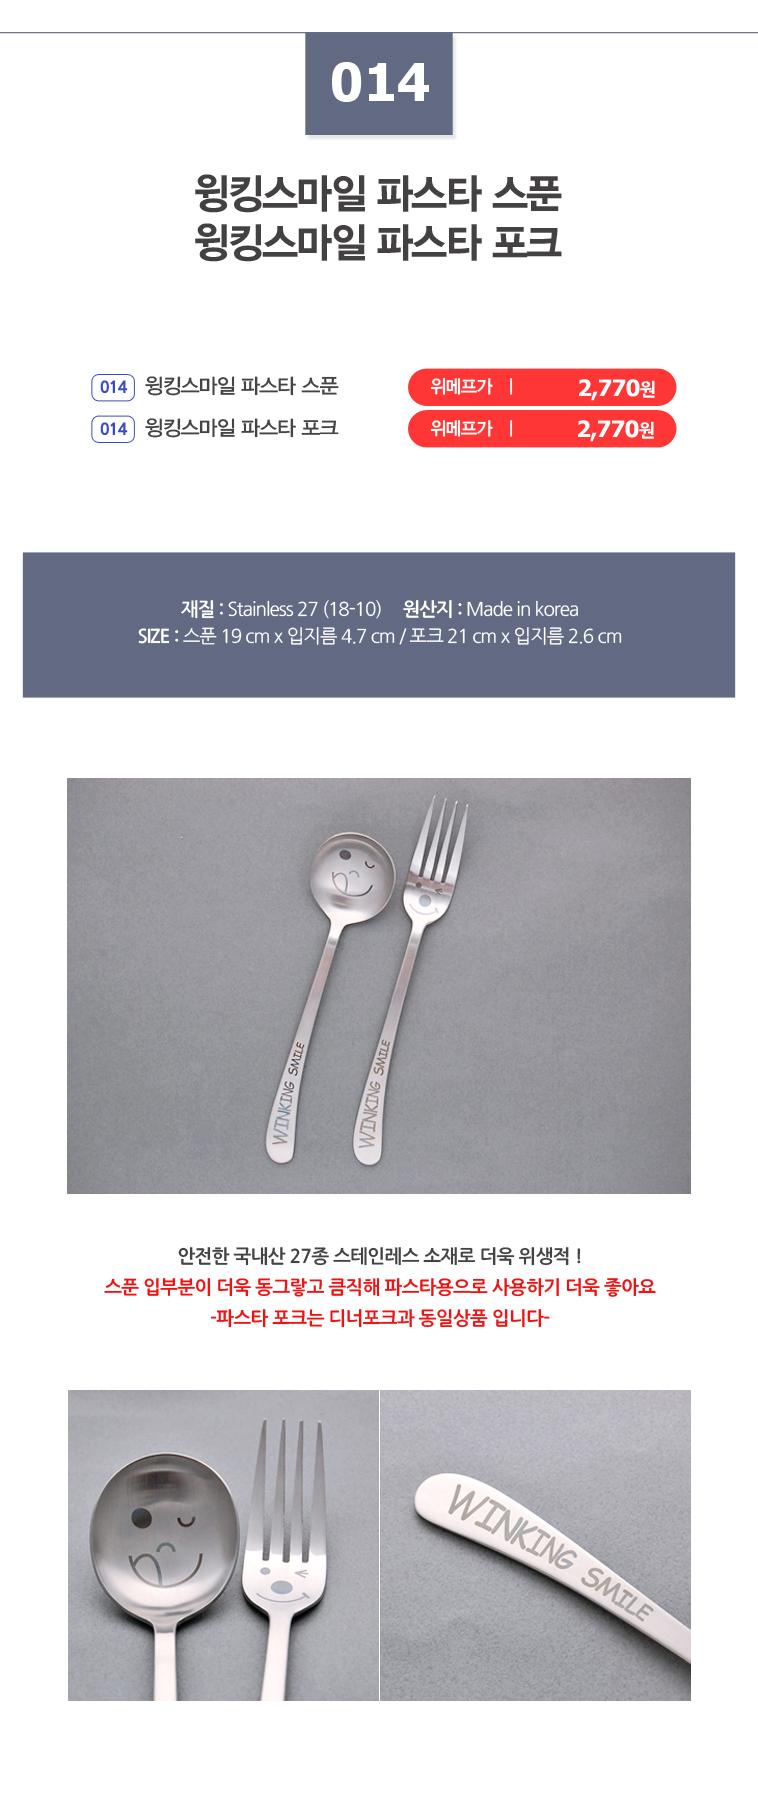 윙커 커트러리 & 감성 캠핑 스텐식기 - 상세정보